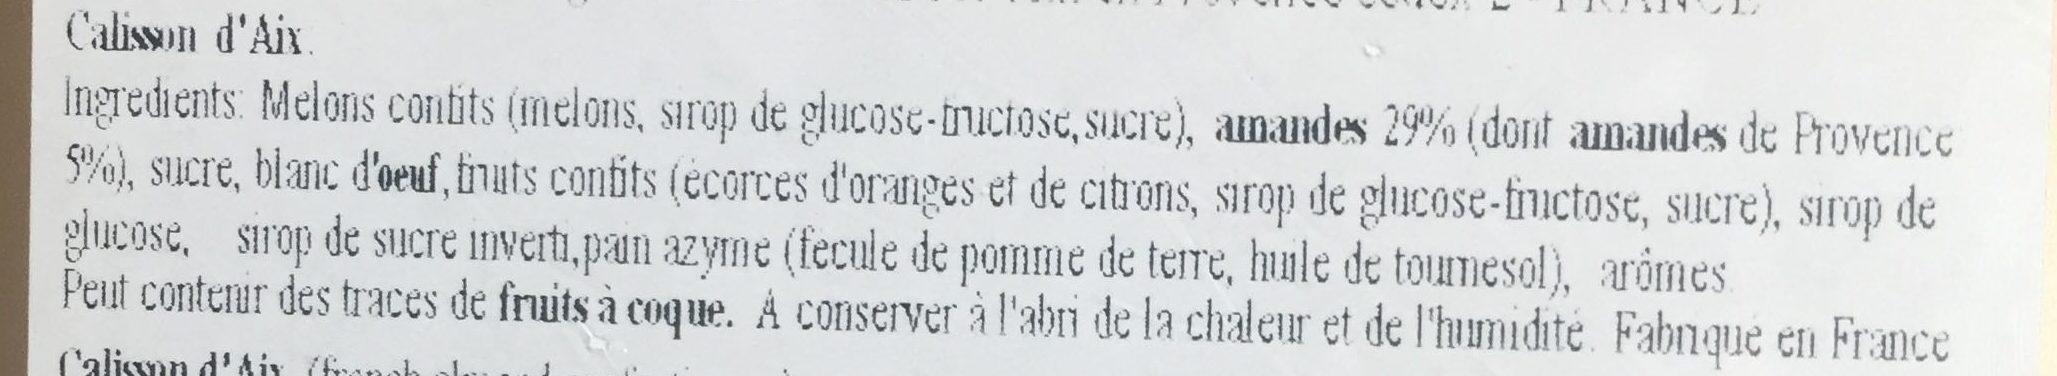 Calissons du Roy René - Ingrédients - fr